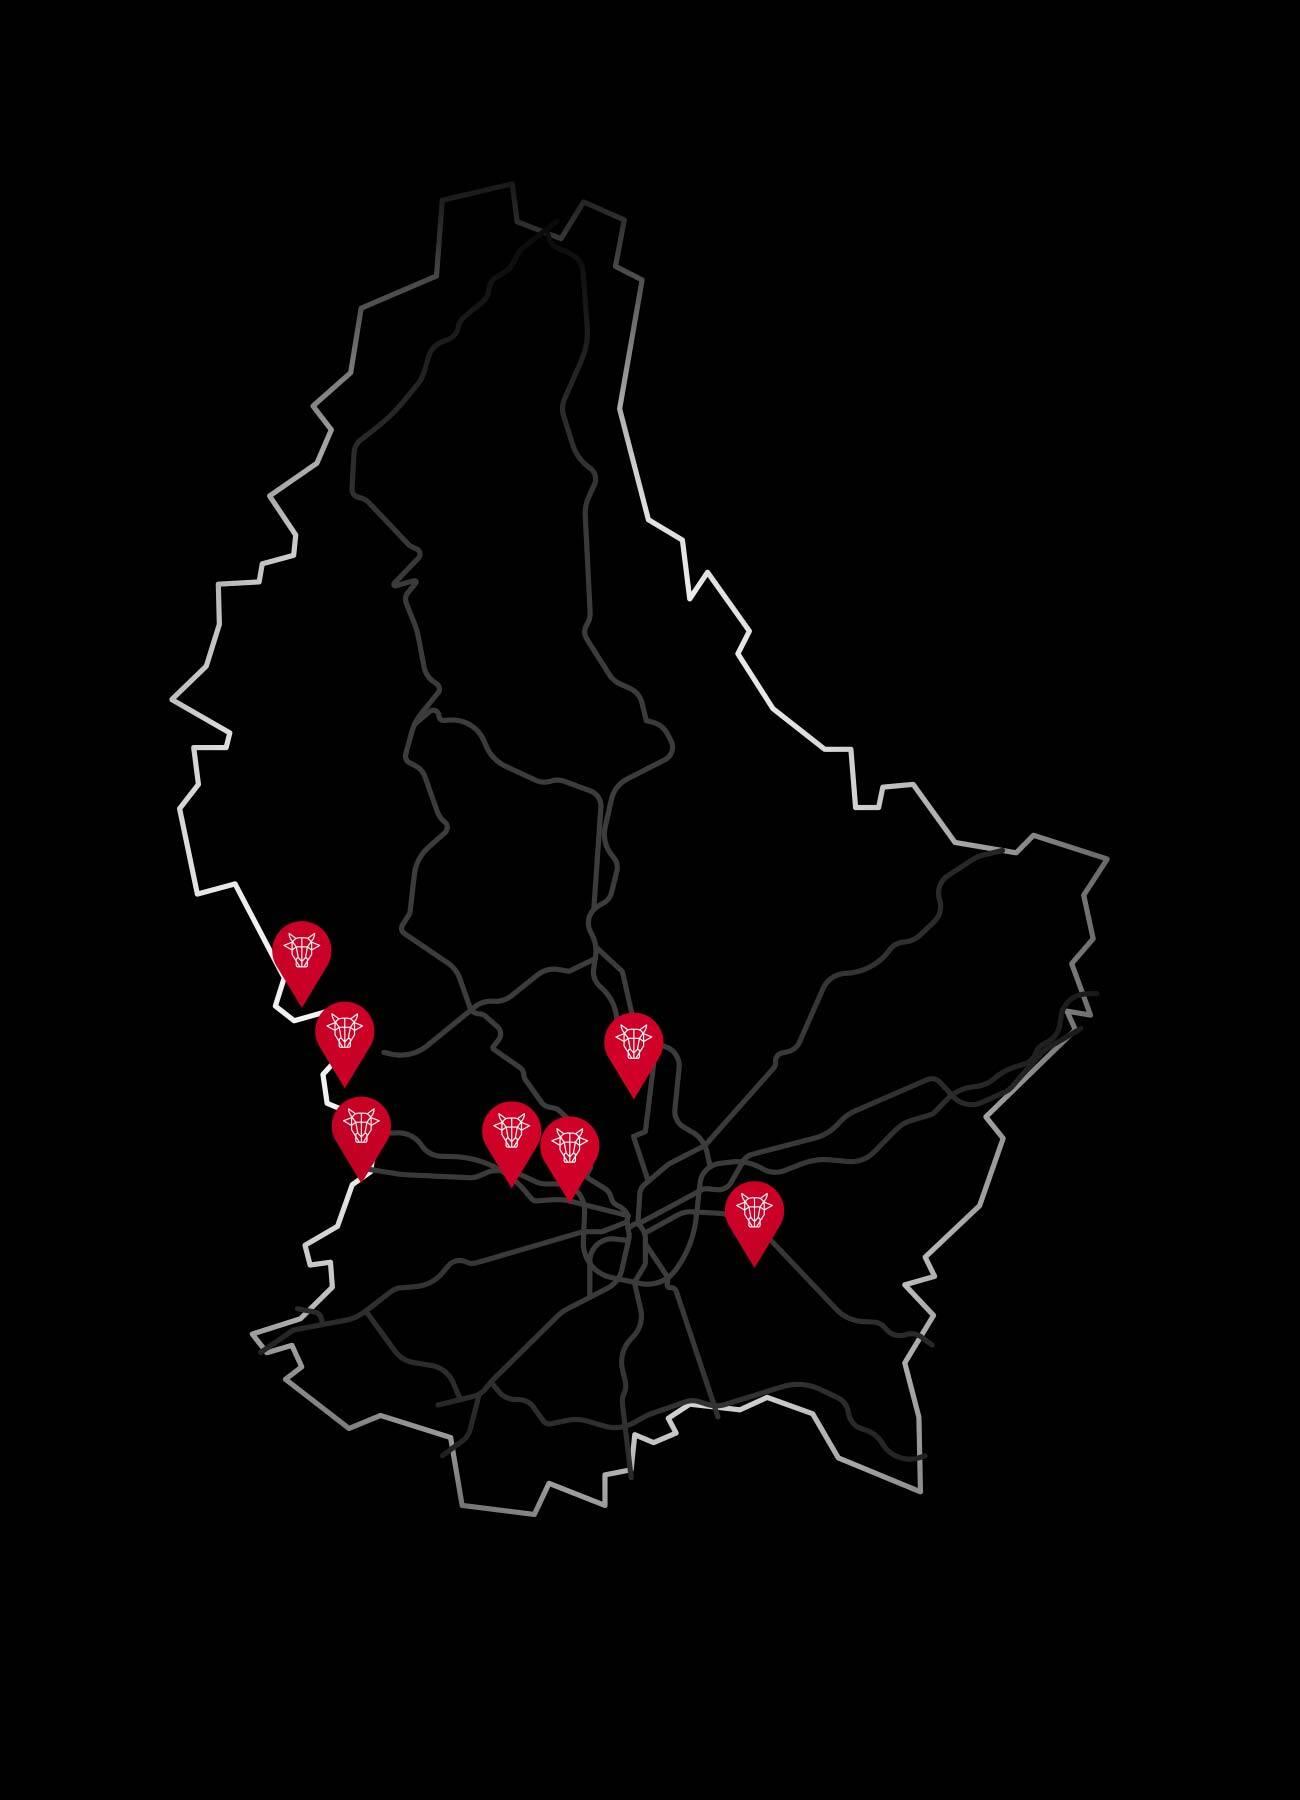 Carte points de vente boucherie Kirsch